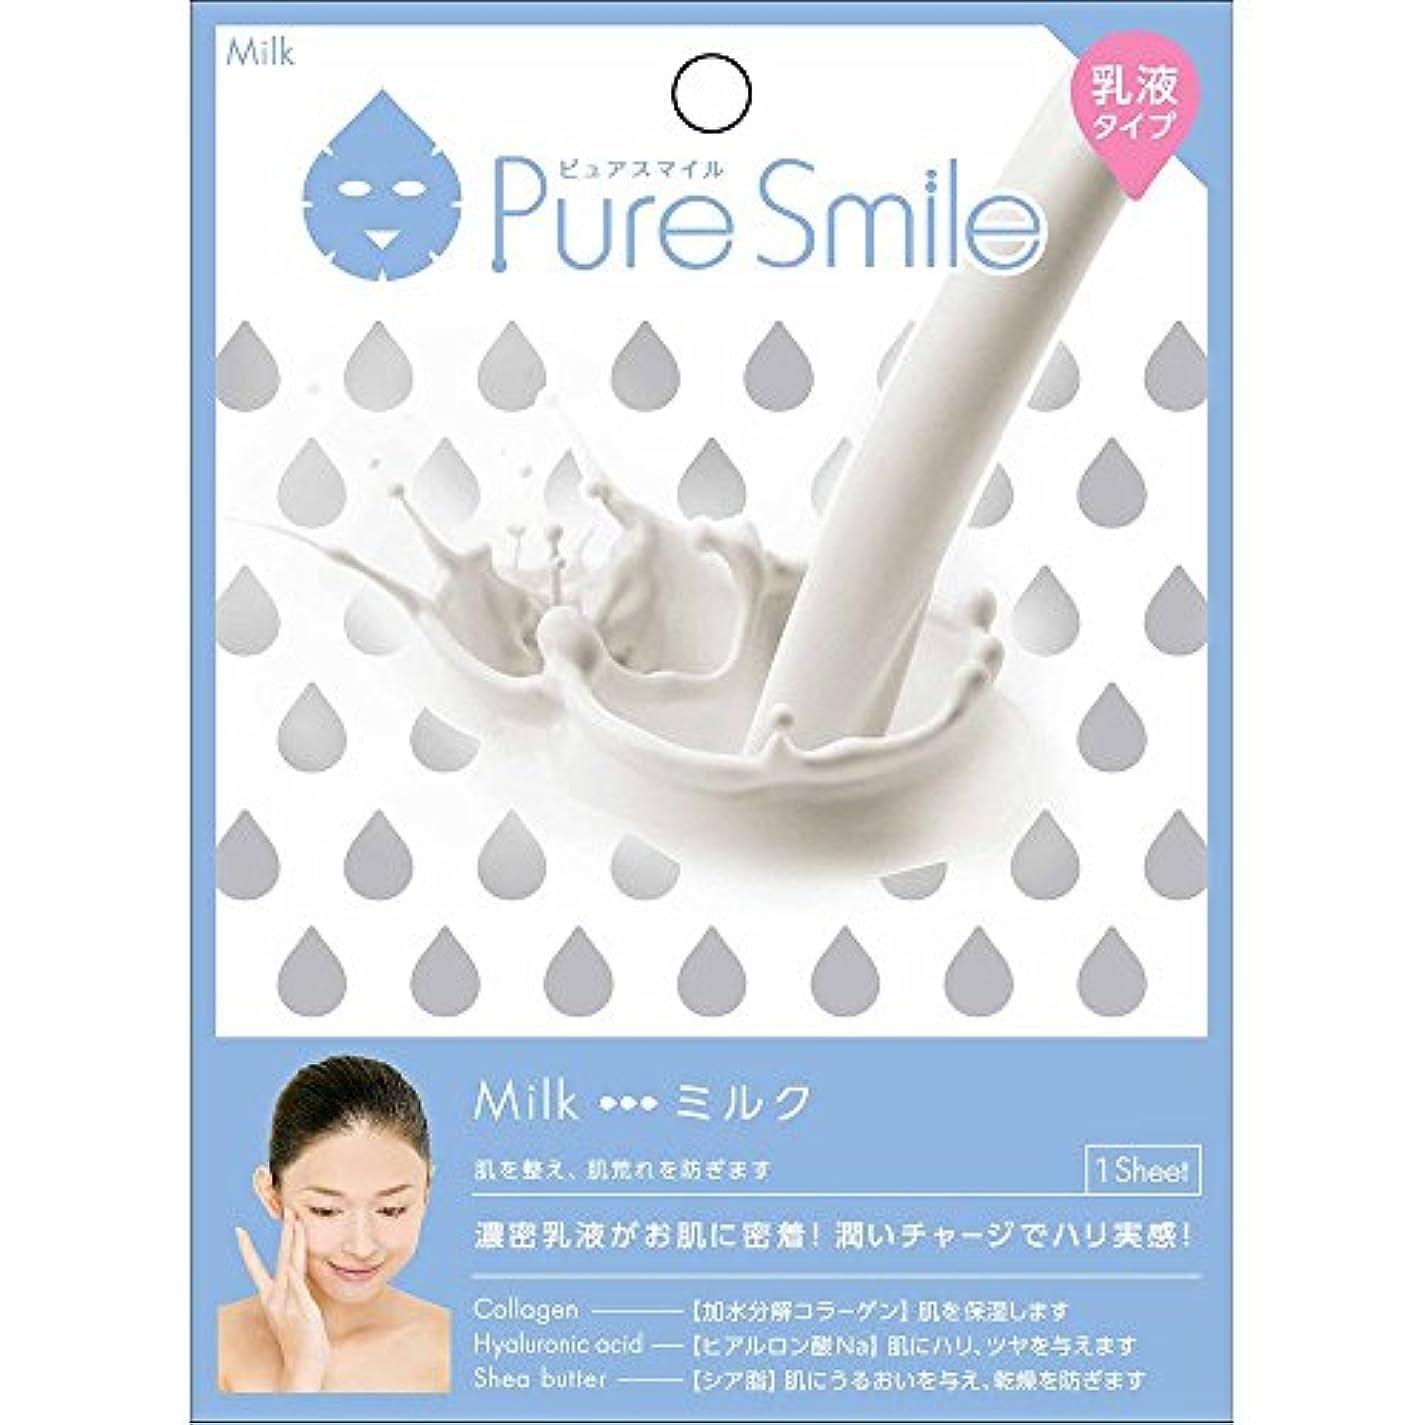 読み書きのできない妖精生命体Pure Smile(ピュアスマイル) 乳液エッセンスマスク 1 枚 ミルク